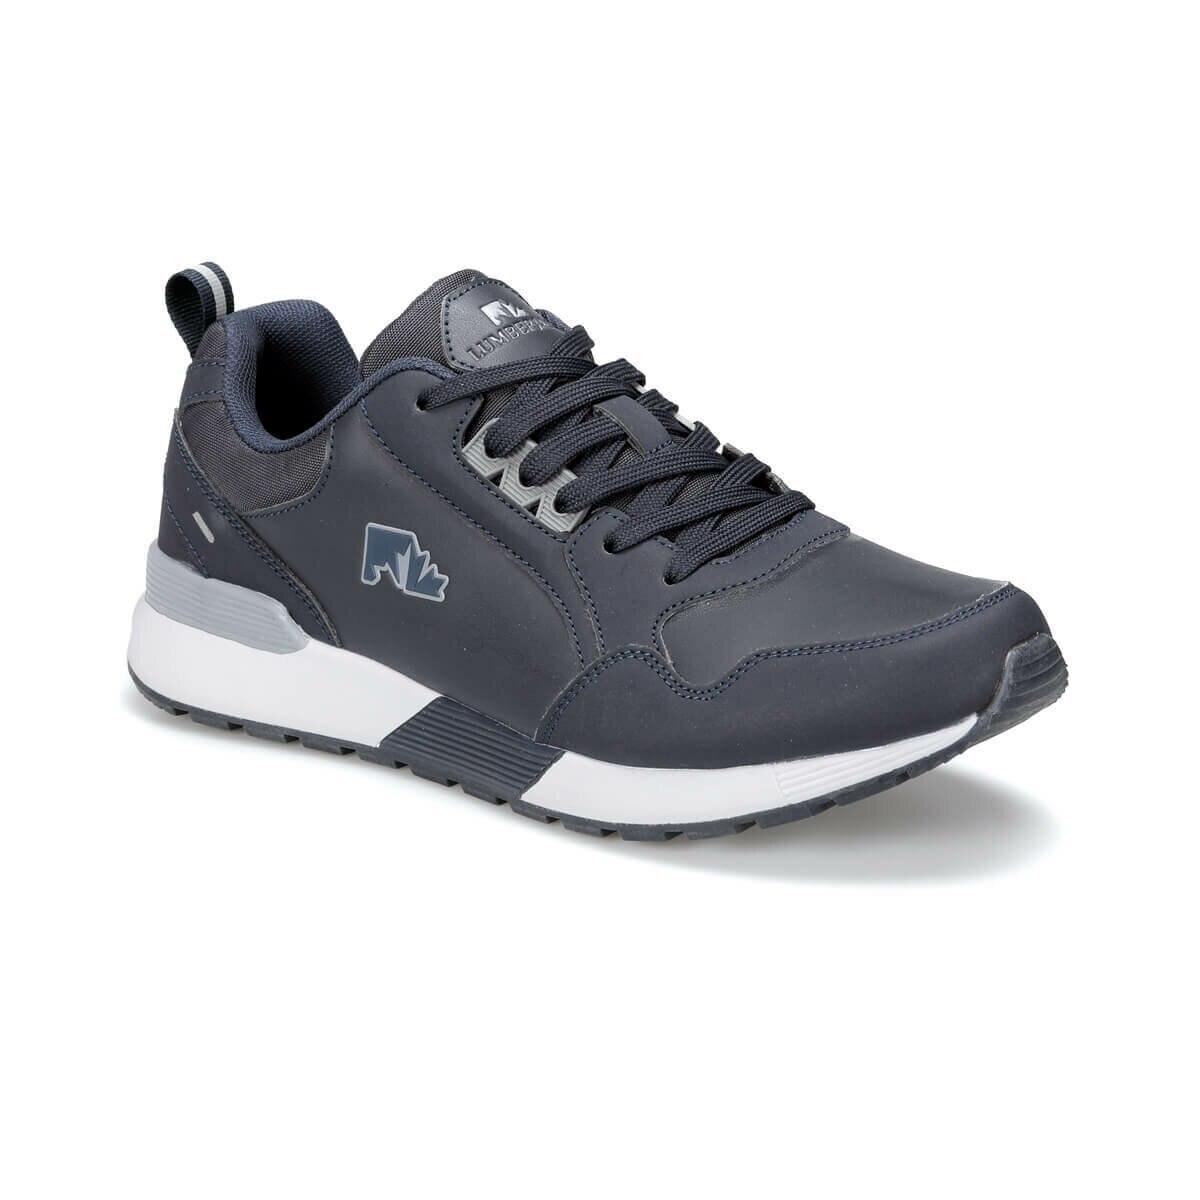 FLO TEYANG 9PR Navy Blue Men 'S Sneaker Shoes LUMBERJACK